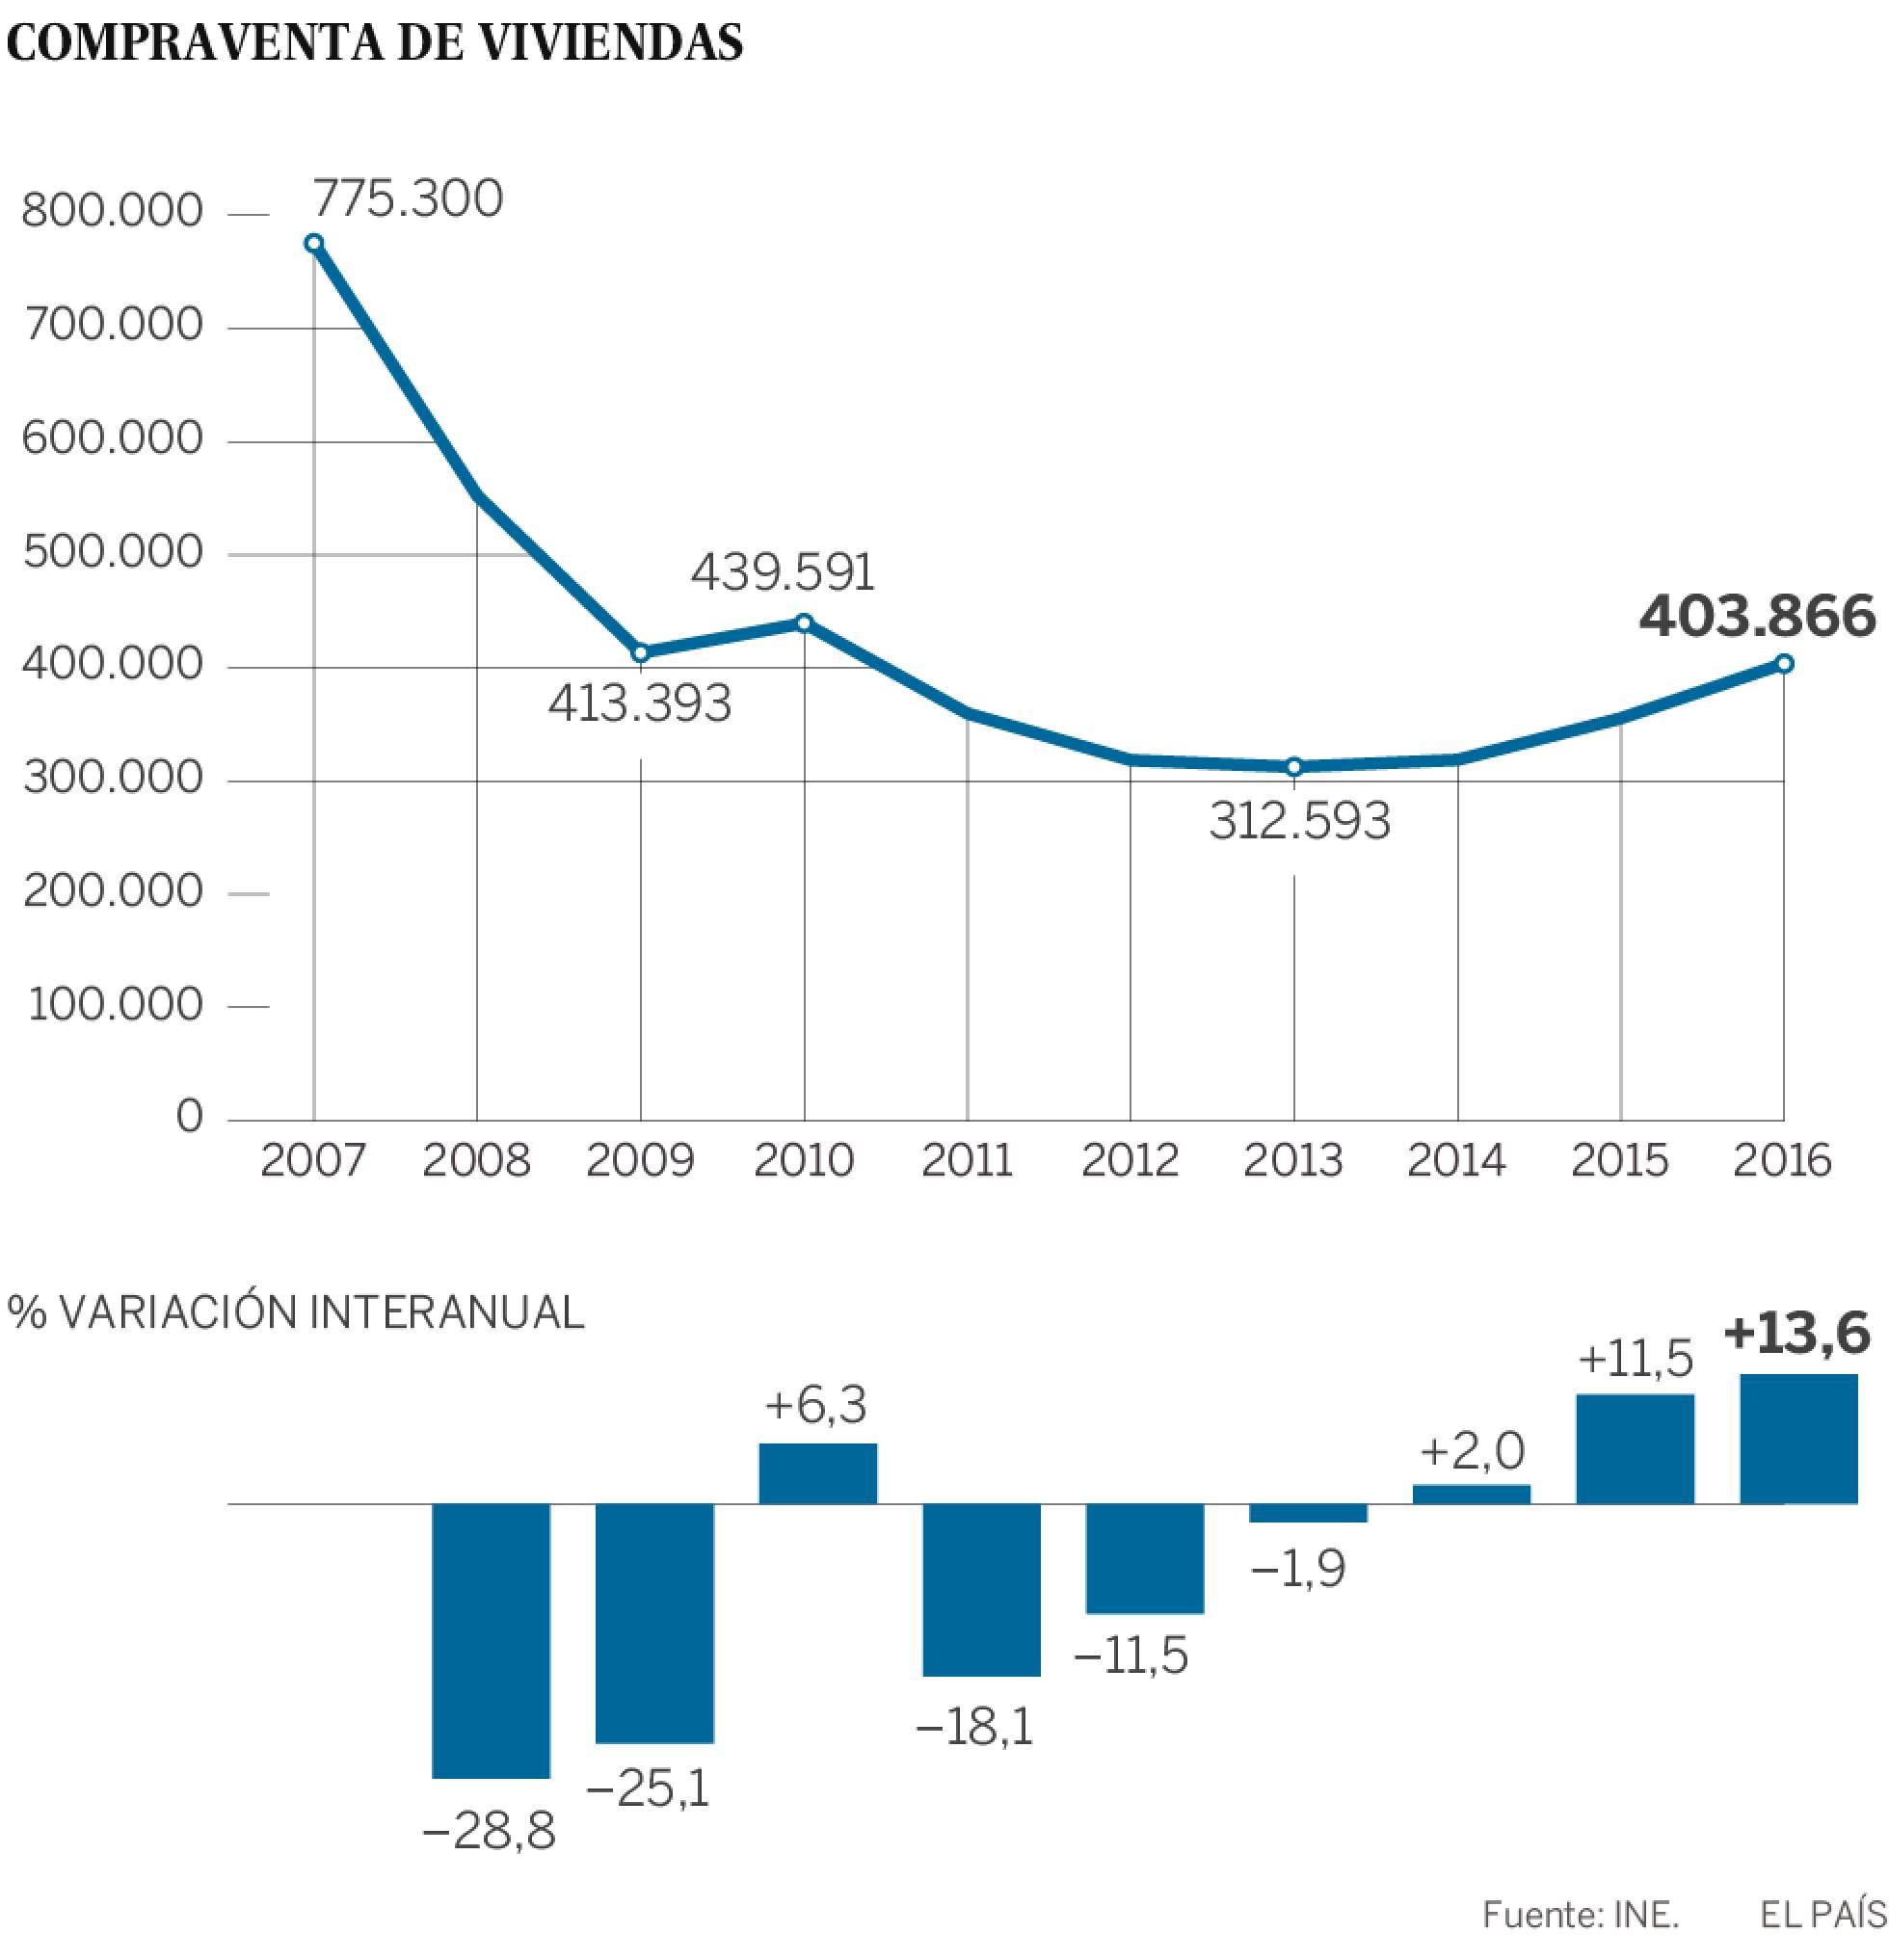 Realidades de la vivienda en el capitalismo español. Luchas contra los desahucios de viviendas. Inversiones y mercado inmobiliario - Página 19 1486717861_590439_1486728560_sumario_normal_recorte1